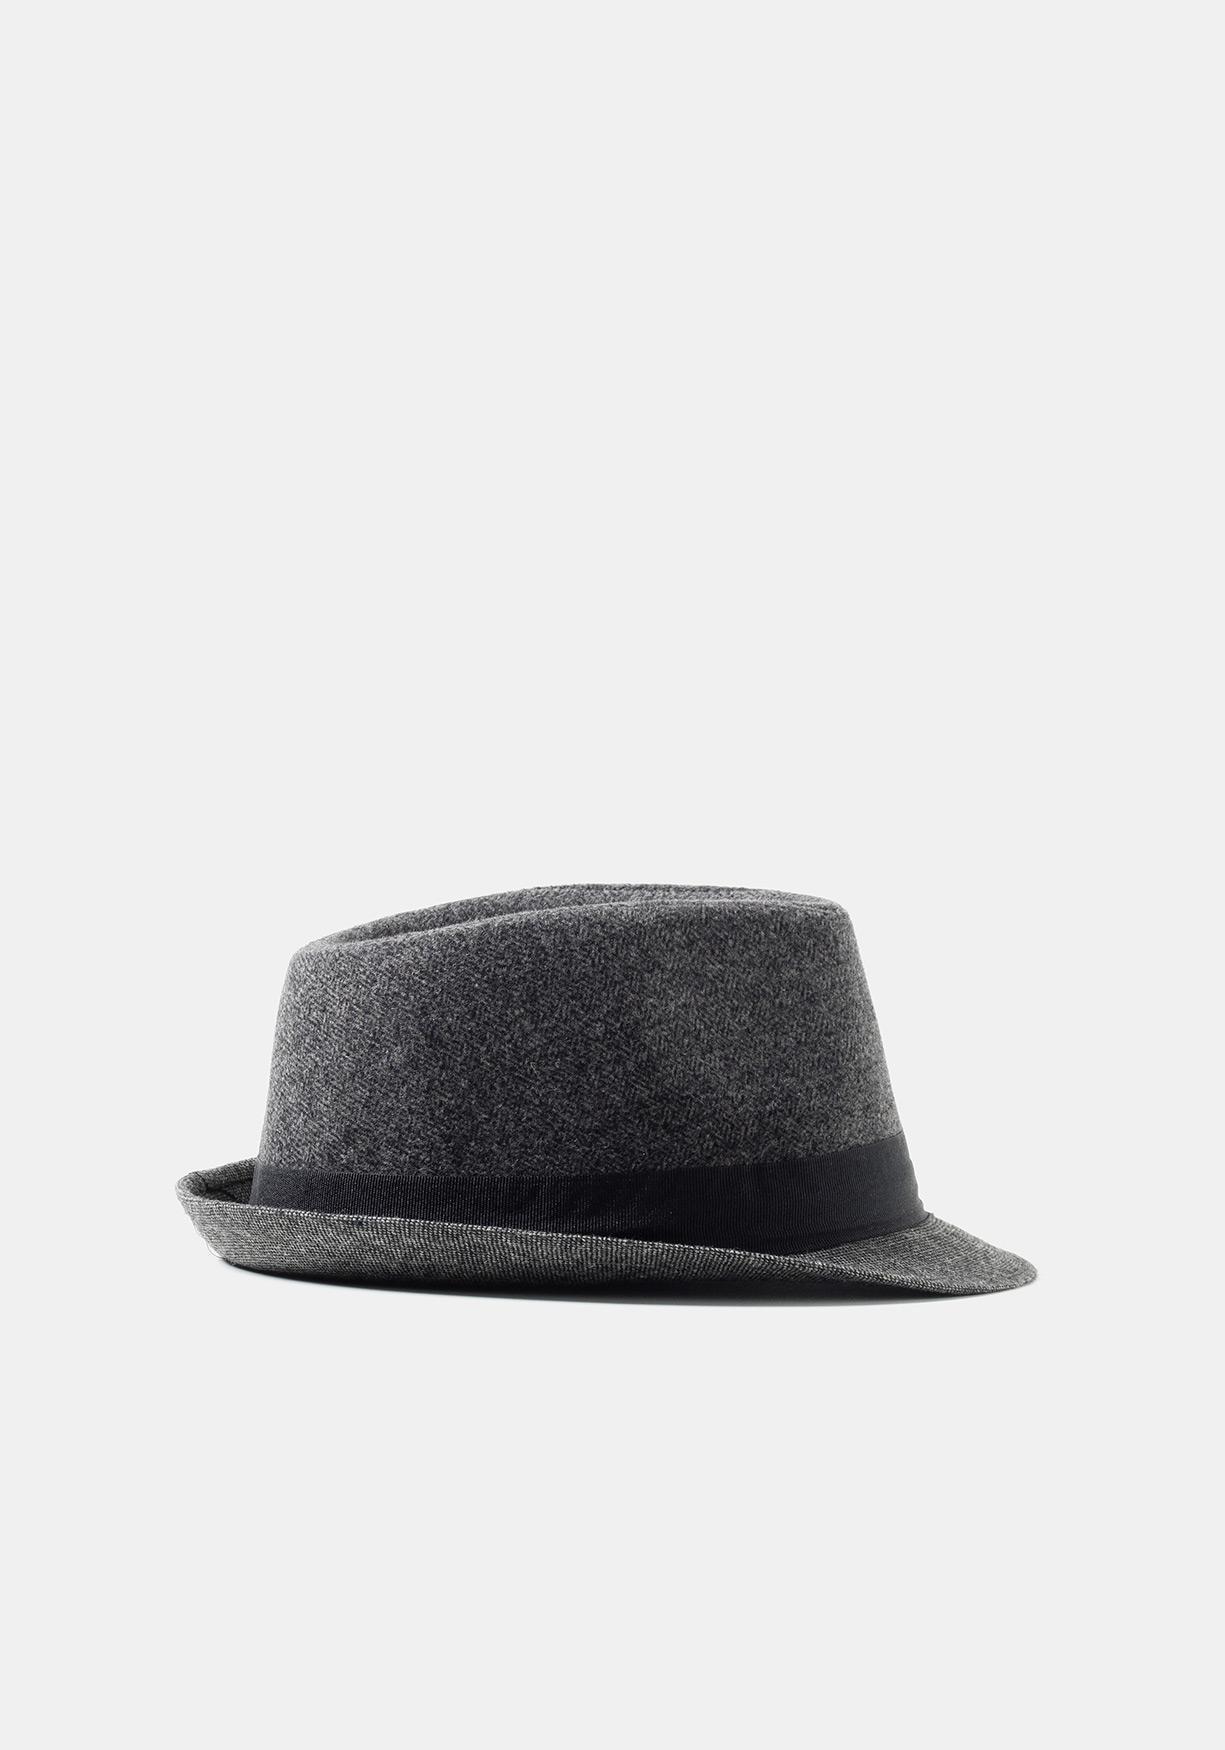 3fefdd46d6191 Comprar Sombrero borsalino espiga. ¡Aprovéchate de nuestros precios ...